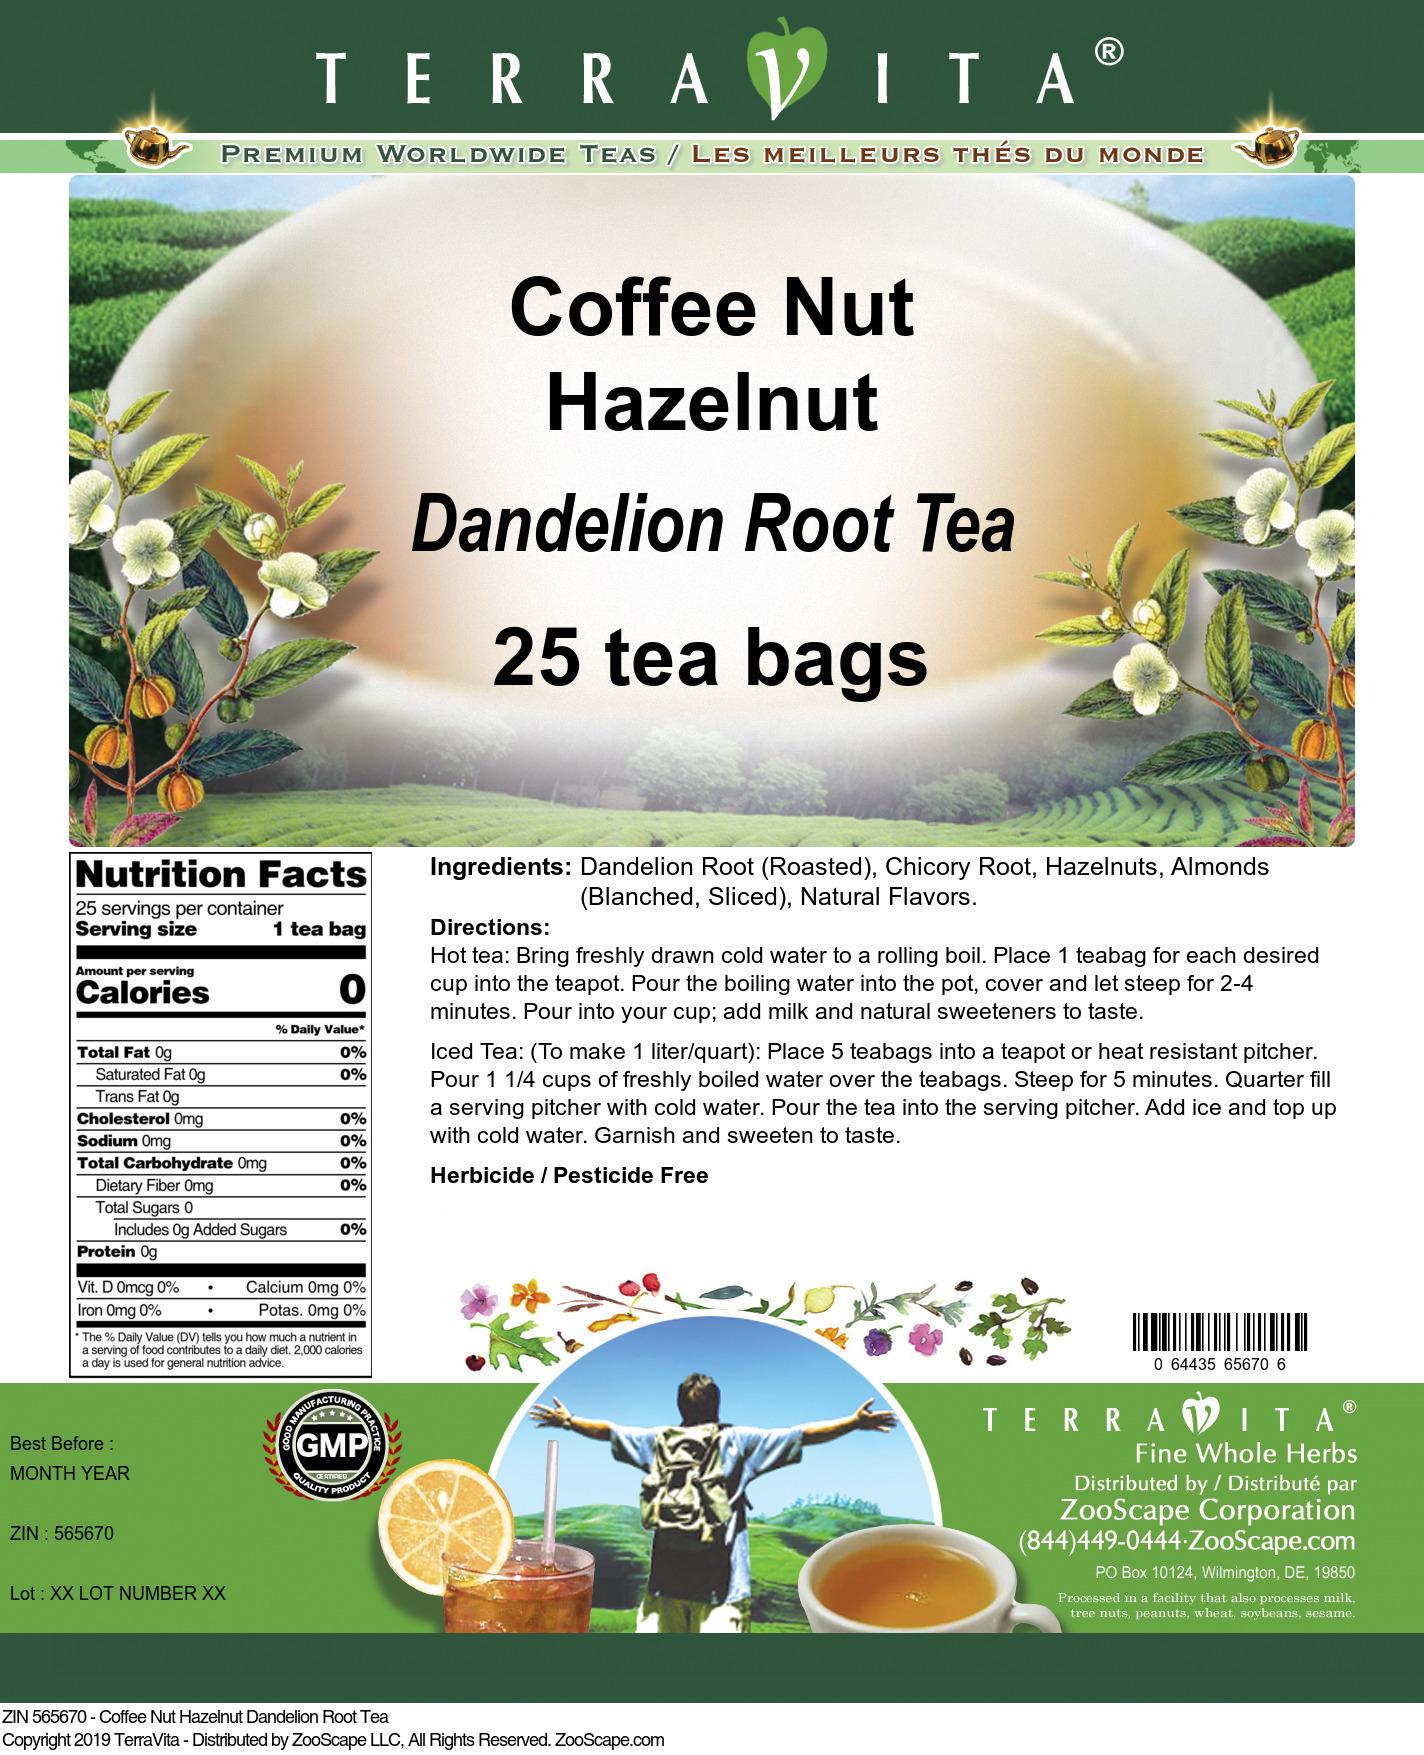 Coffee Nut Hazelnut Dandelion Root